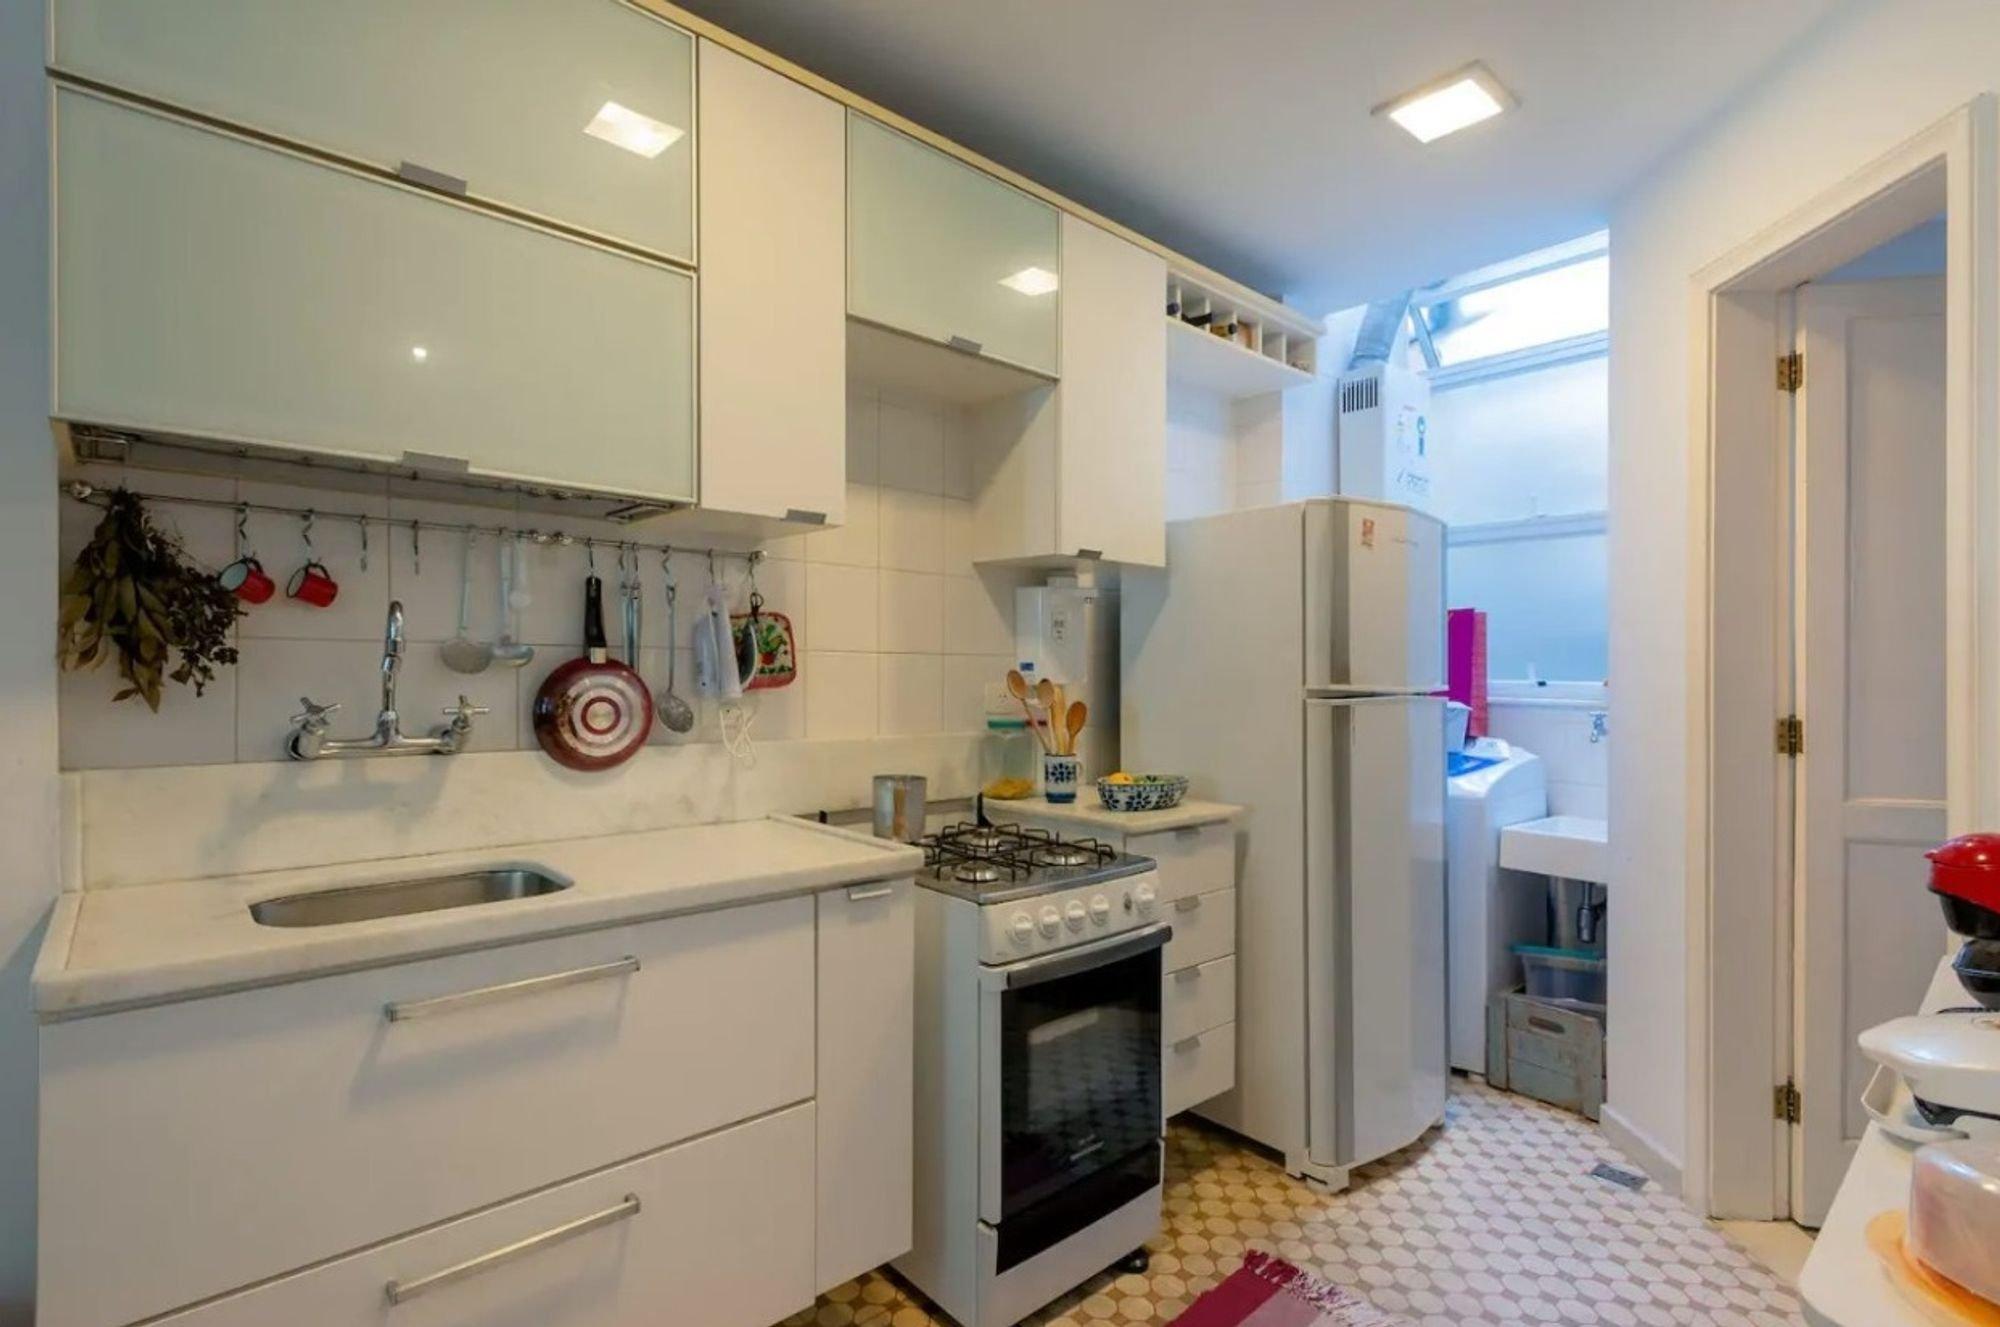 Foto de Cozinha com colher, forno, geladeira